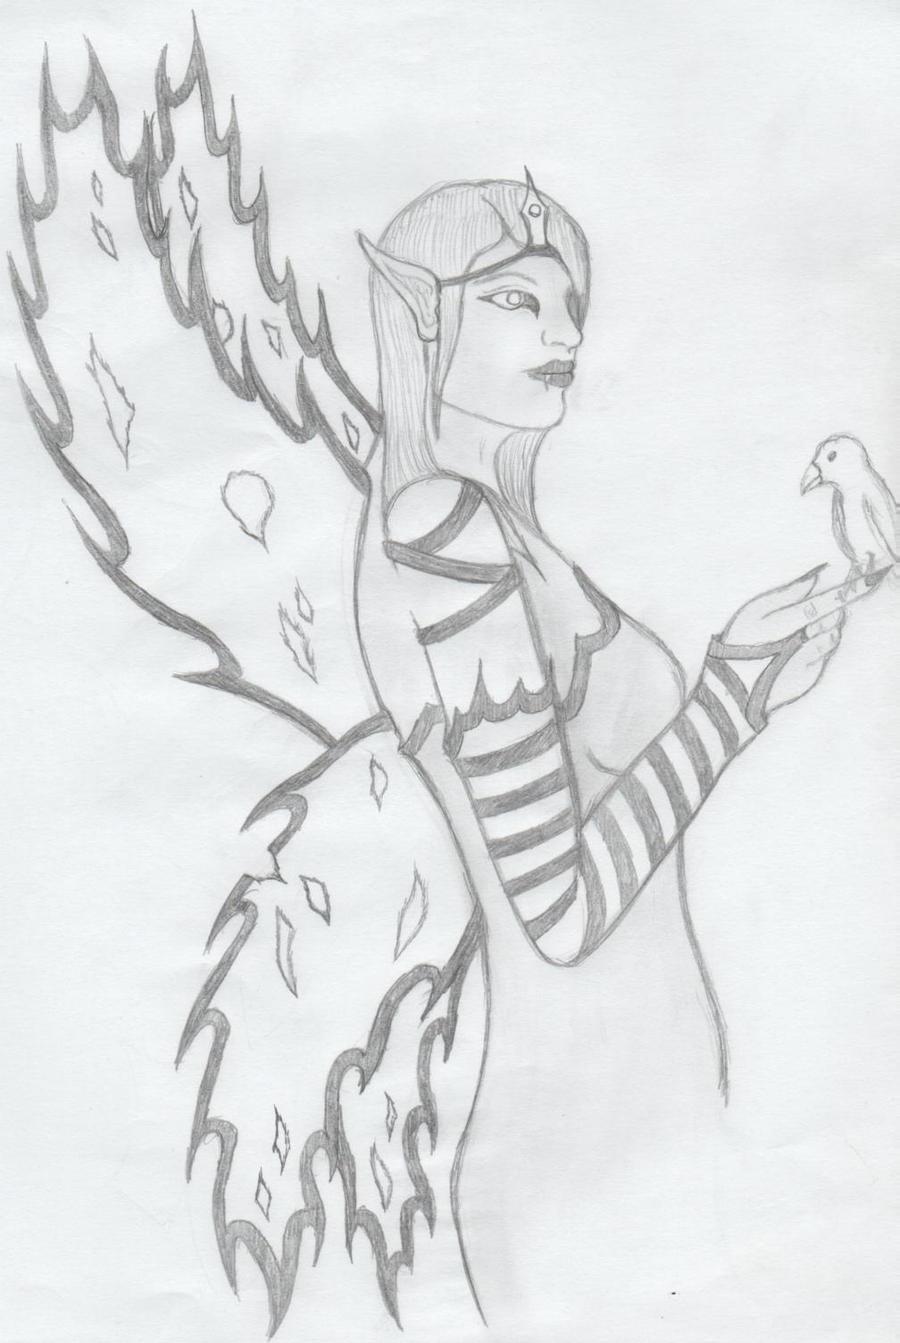 Evil Fairy by JeffJordan13 on deviantART